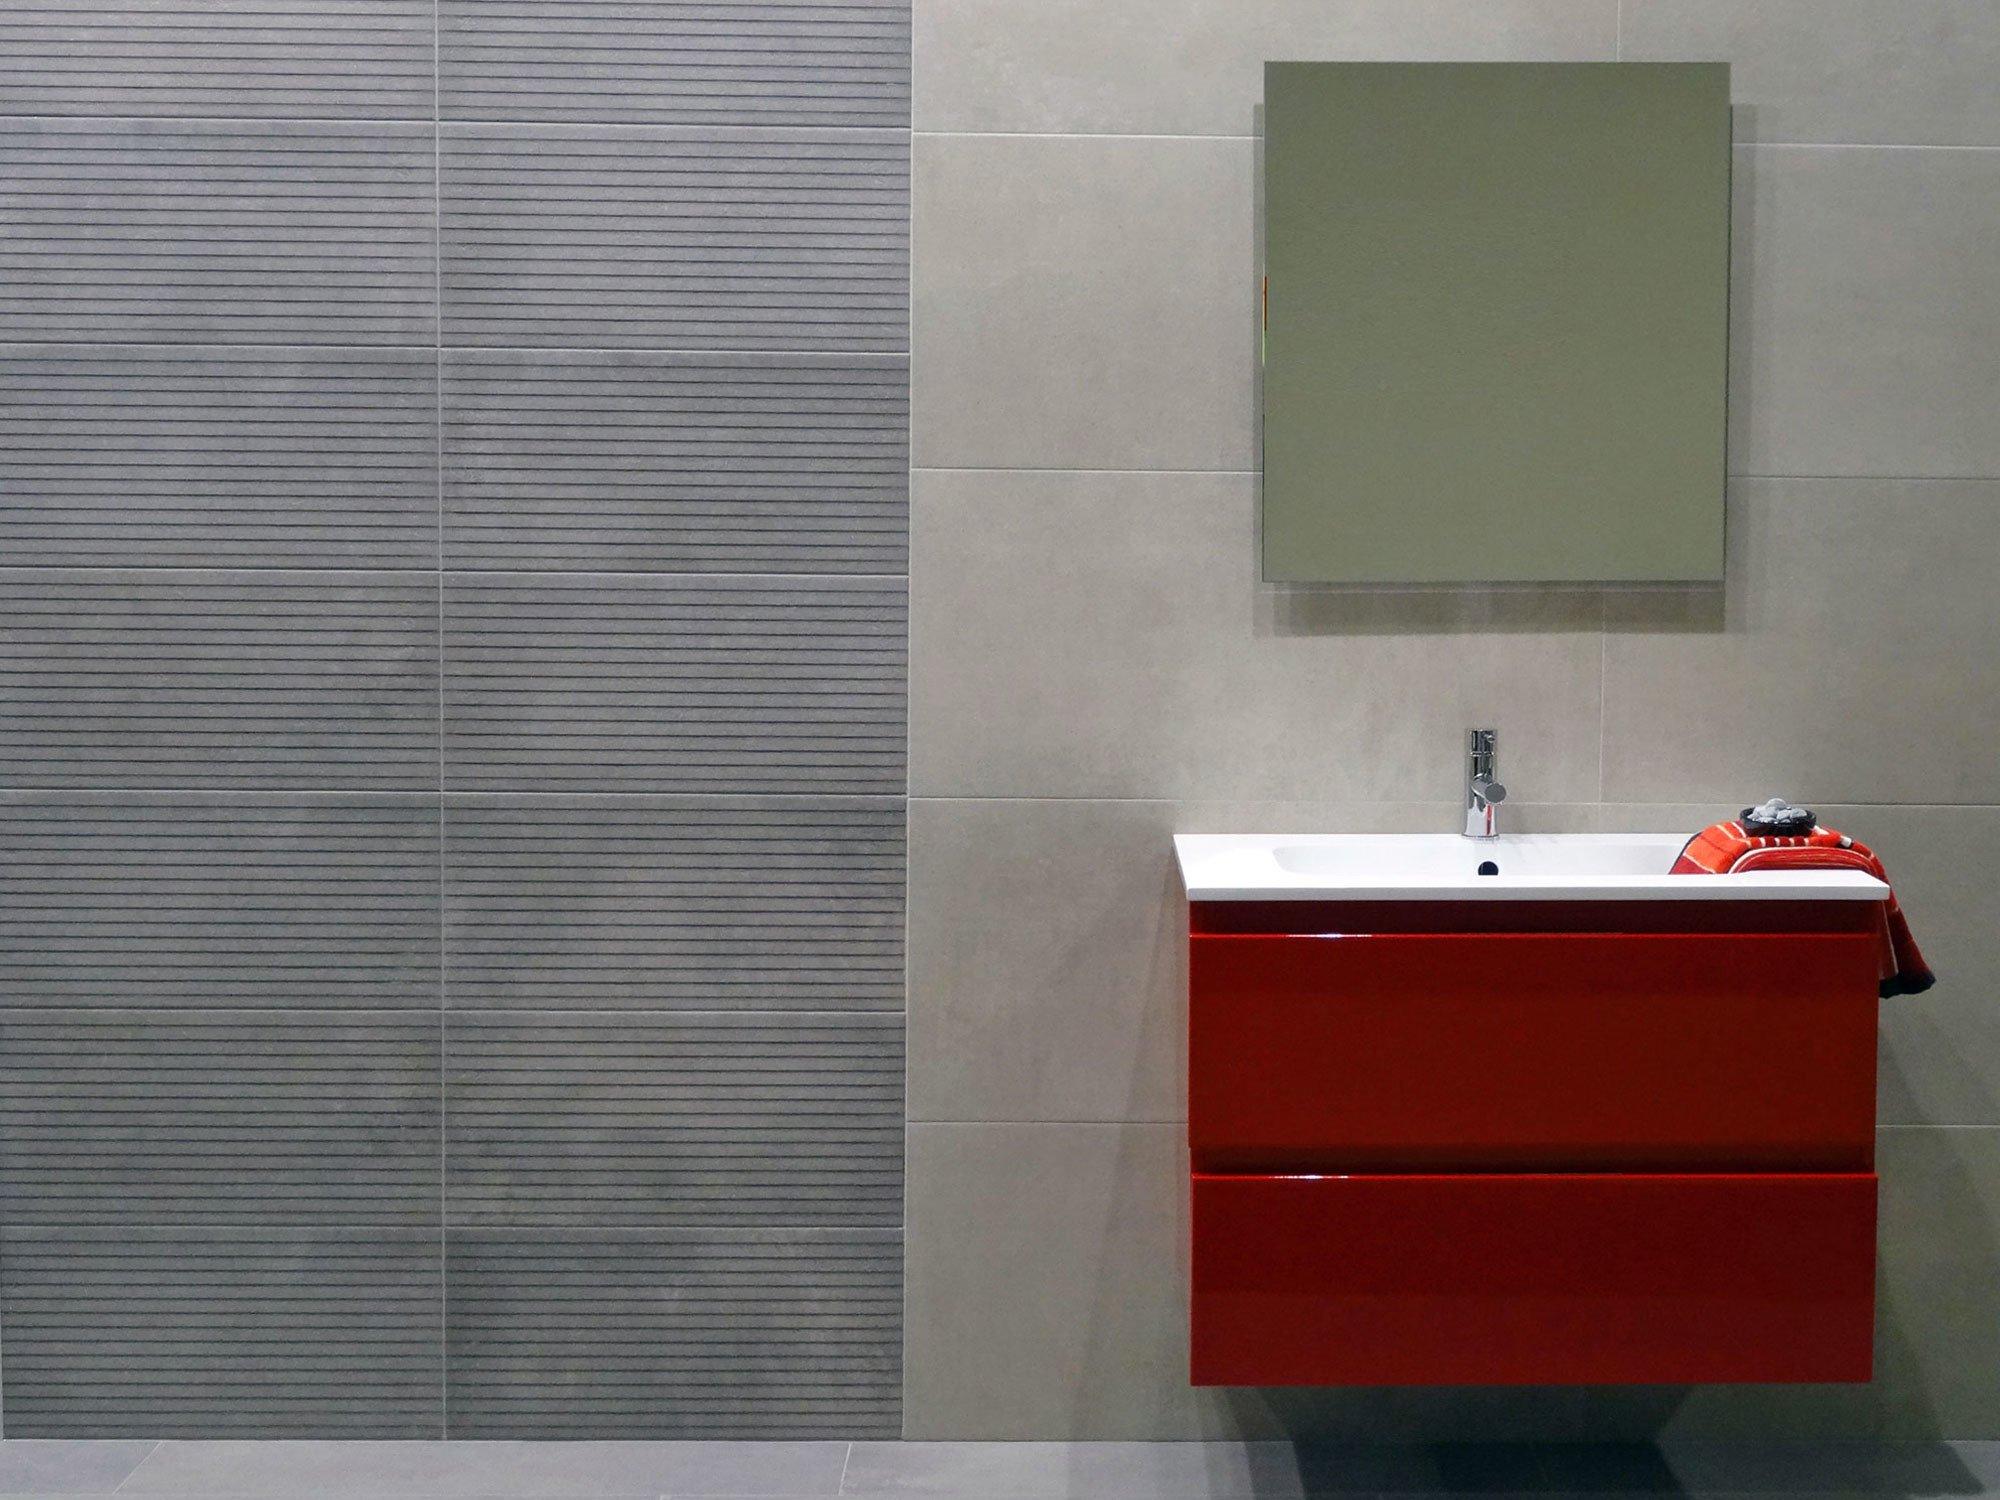 Elektroinstallation in Räumen mit Badewanne oder Dusche | Elektro ...